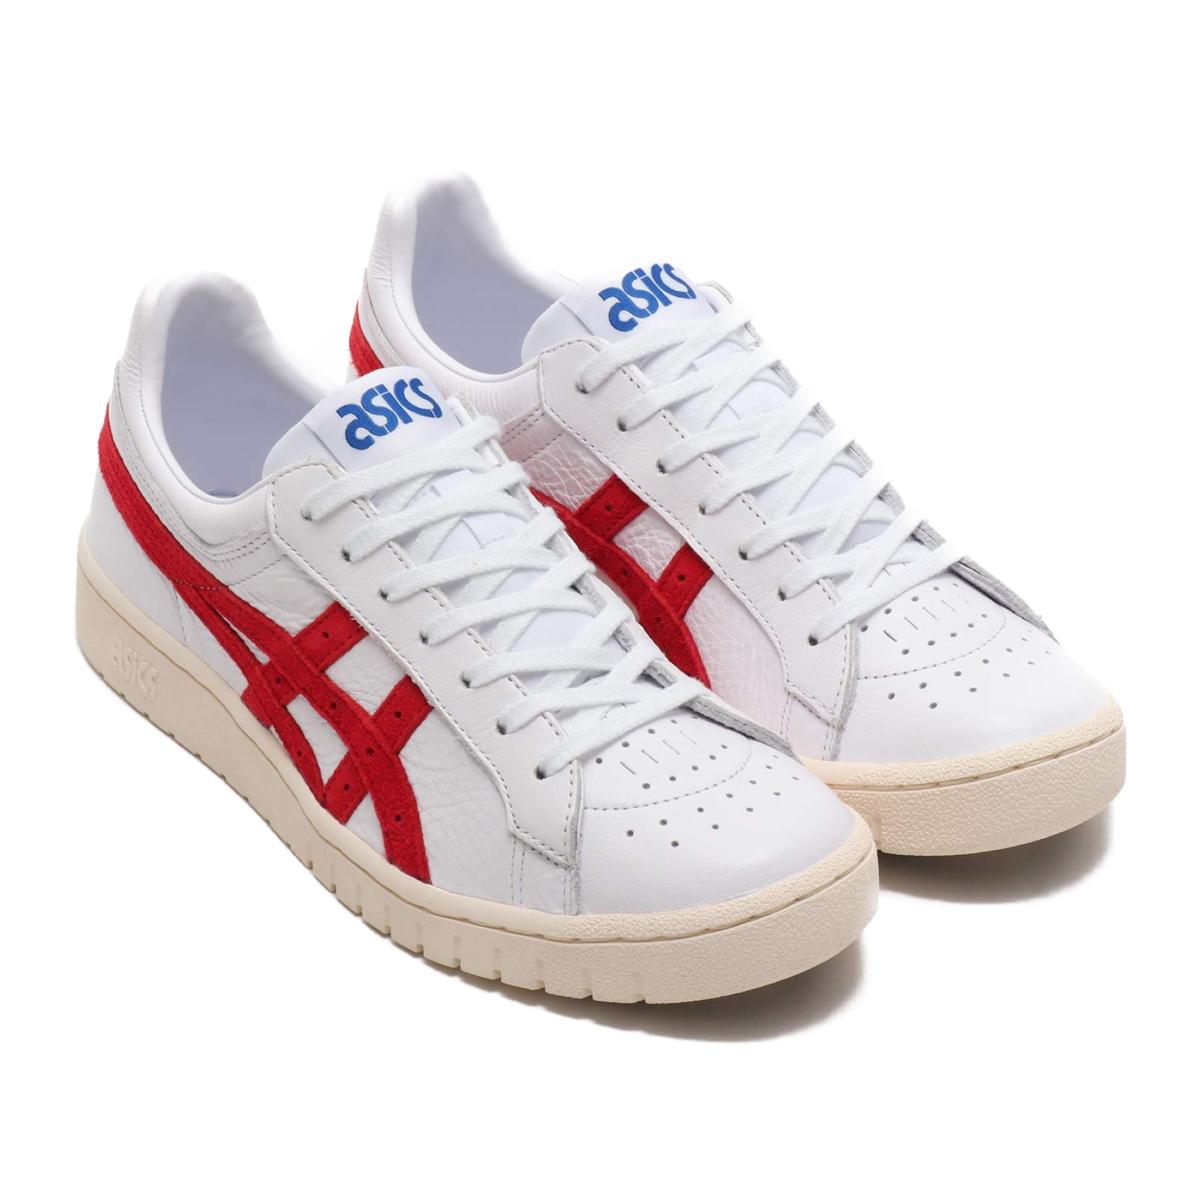 ASICSTIGER GEL-PTG (アシックスタイガー ゲル PTG) (WHITE/HAUTE RED)19SS-I